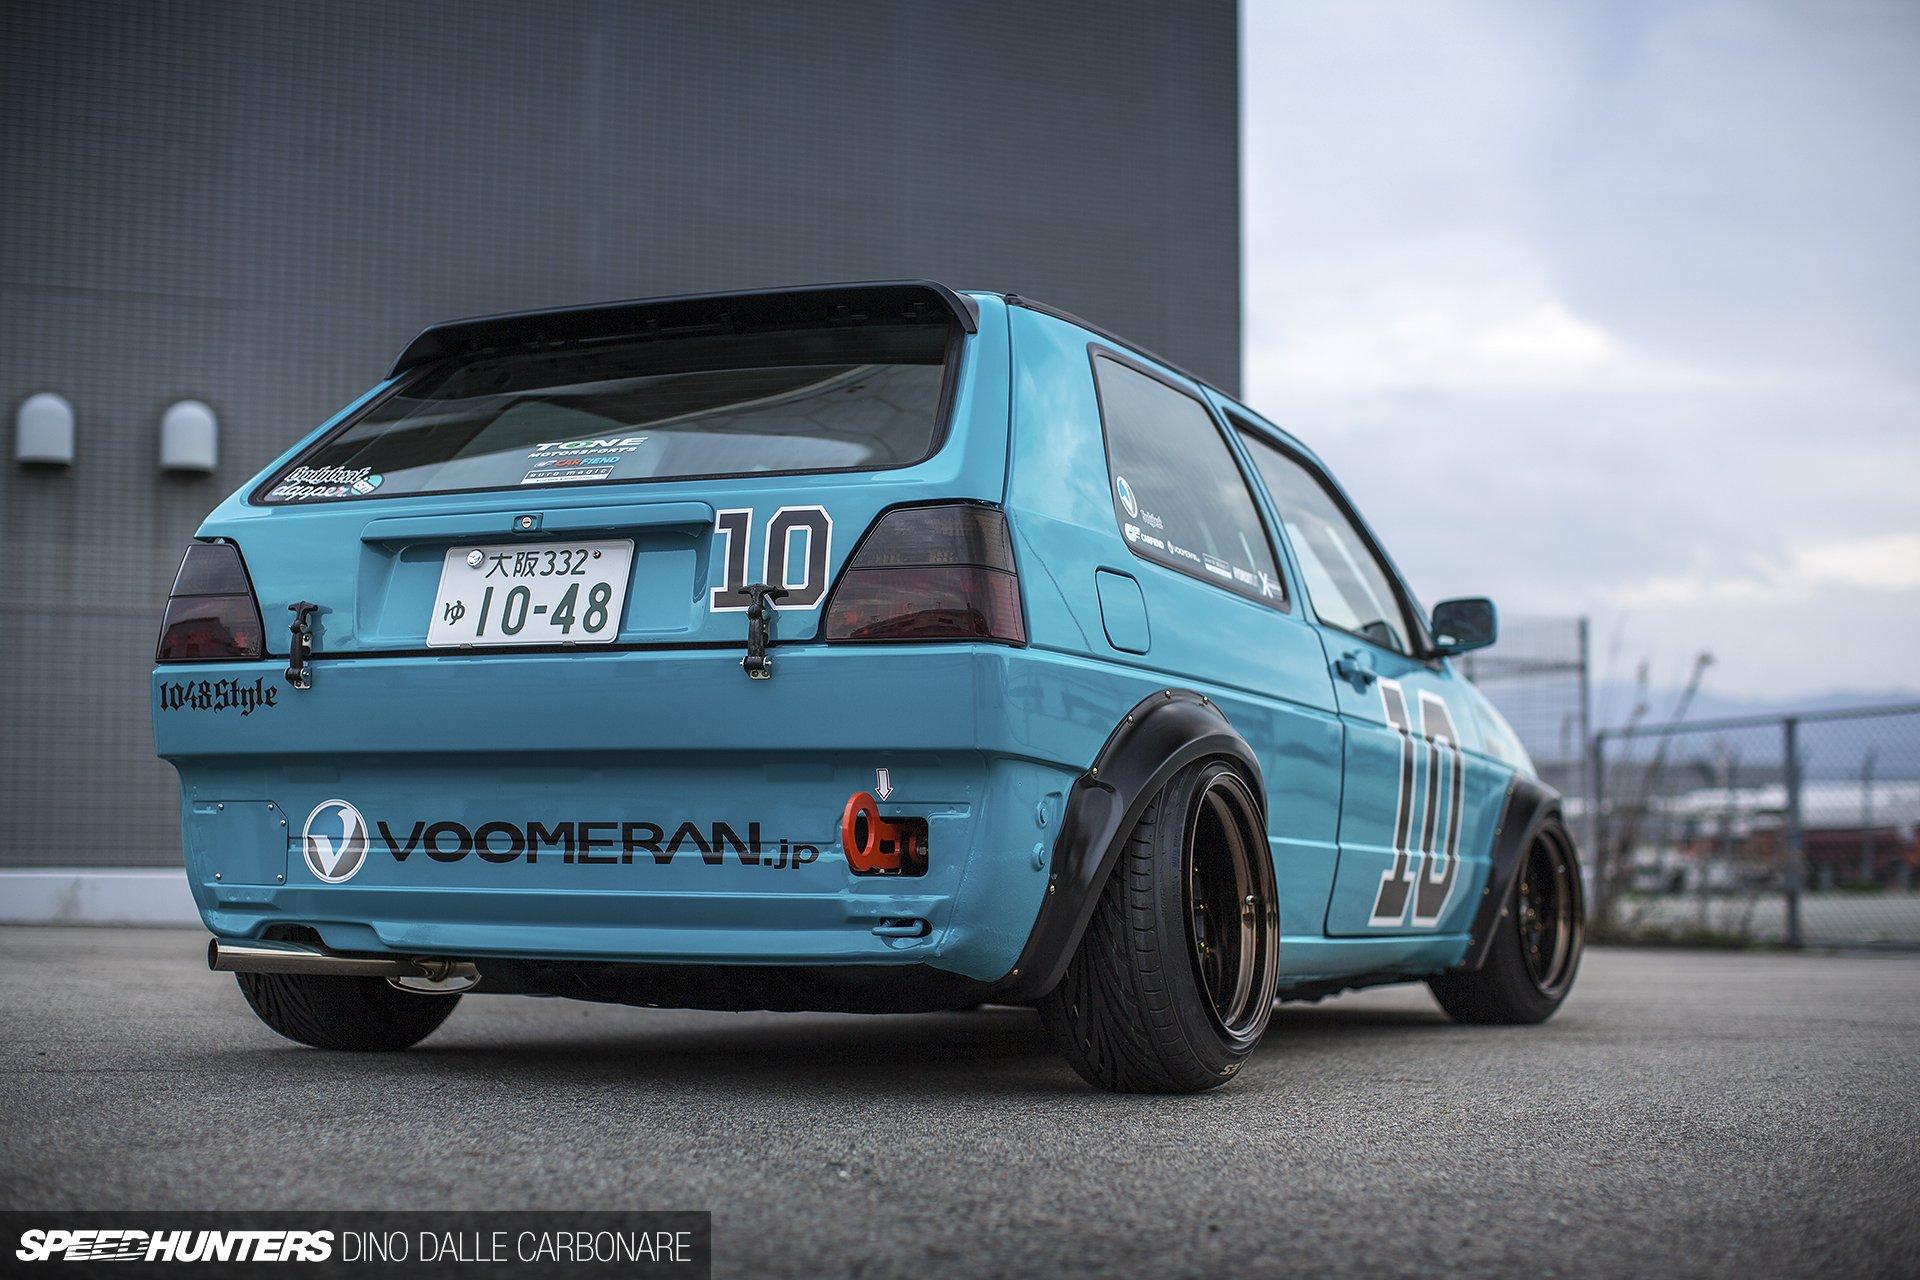 Volkswagen Golf Mk2 tuning race racing wallpaper 1920x1280 453157 1920x1280